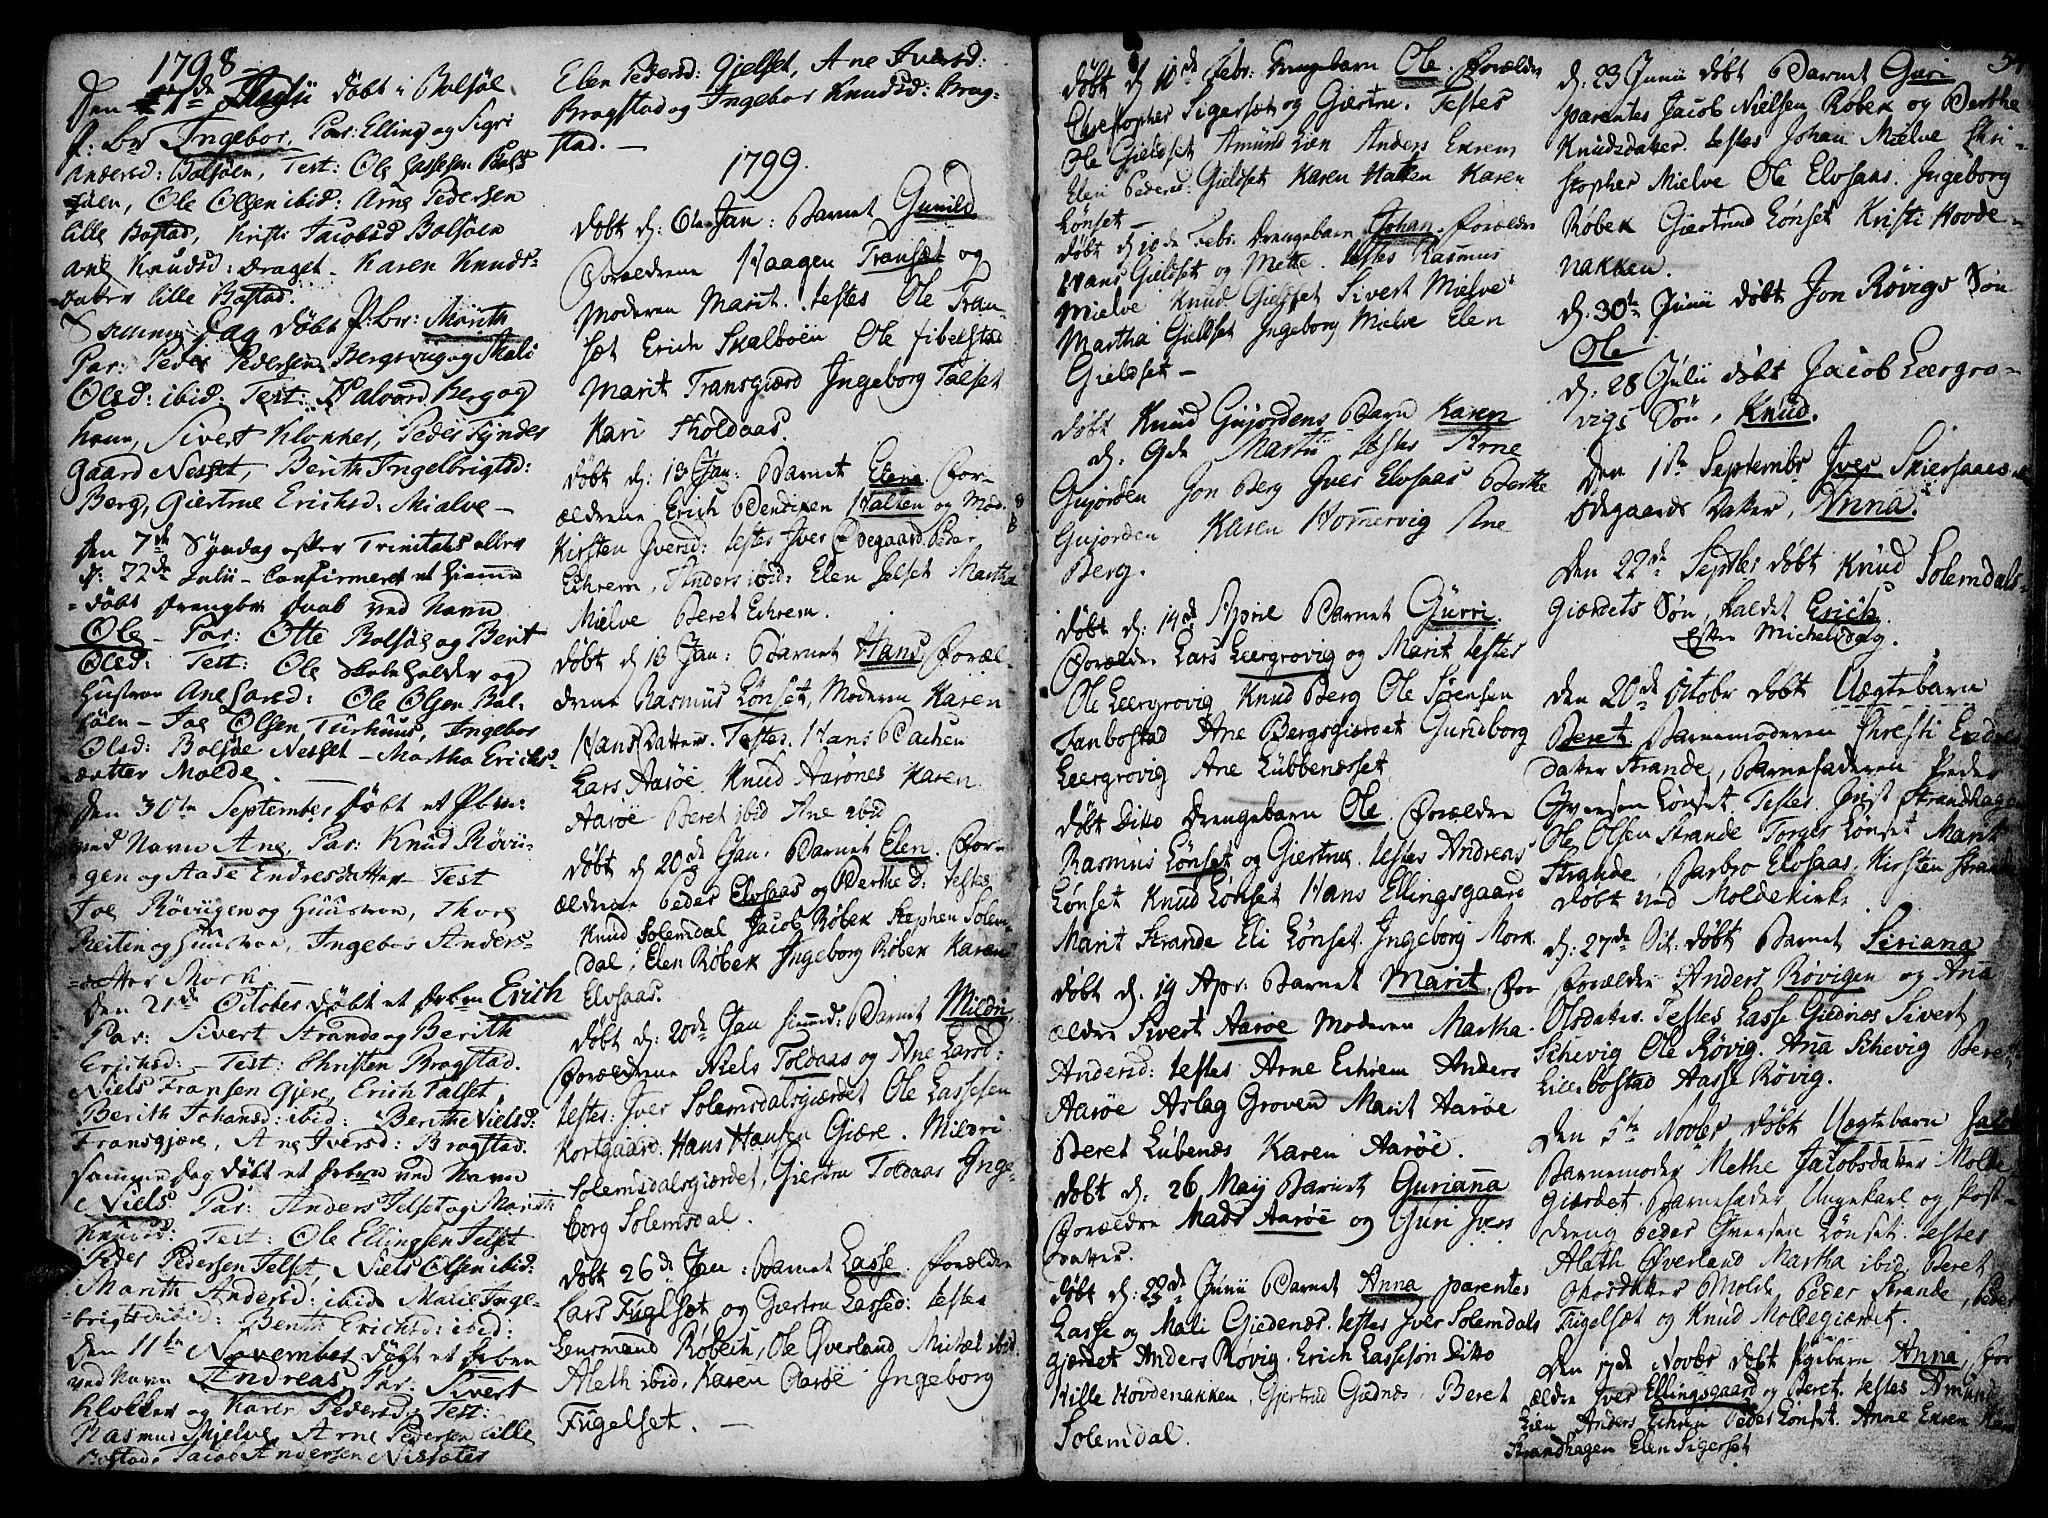 SAT, Ministerialprotokoller, klokkerbøker og fødselsregistre - Møre og Romsdal, 555/L0649: Ministerialbok nr. 555A02 /1, 1795-1821, s. 54